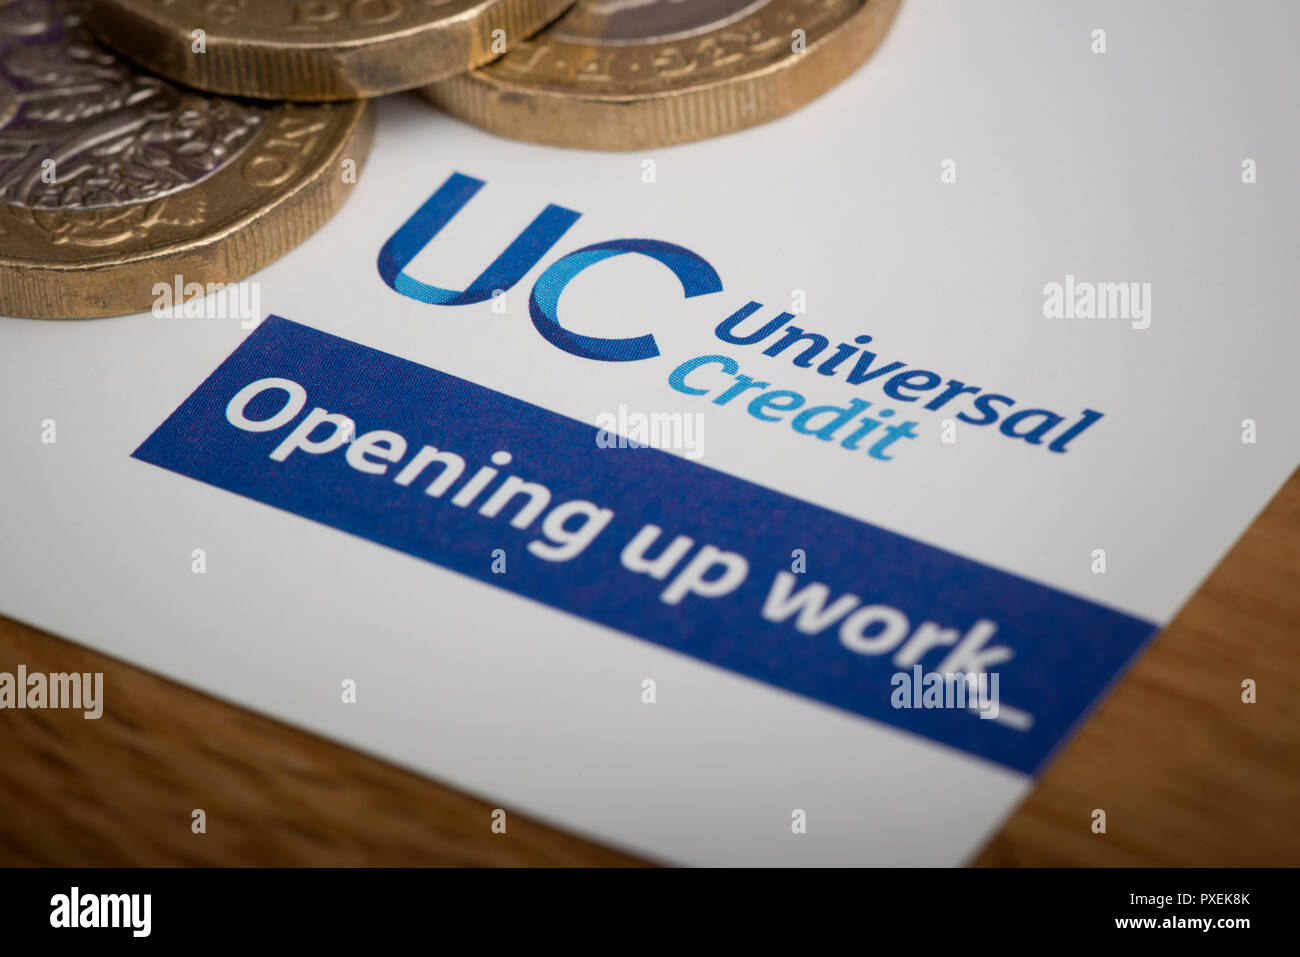 Un morceau de papier avec le logo crédit universel, repose sur une table avec quelques pièces de 1 €. Photo Stock